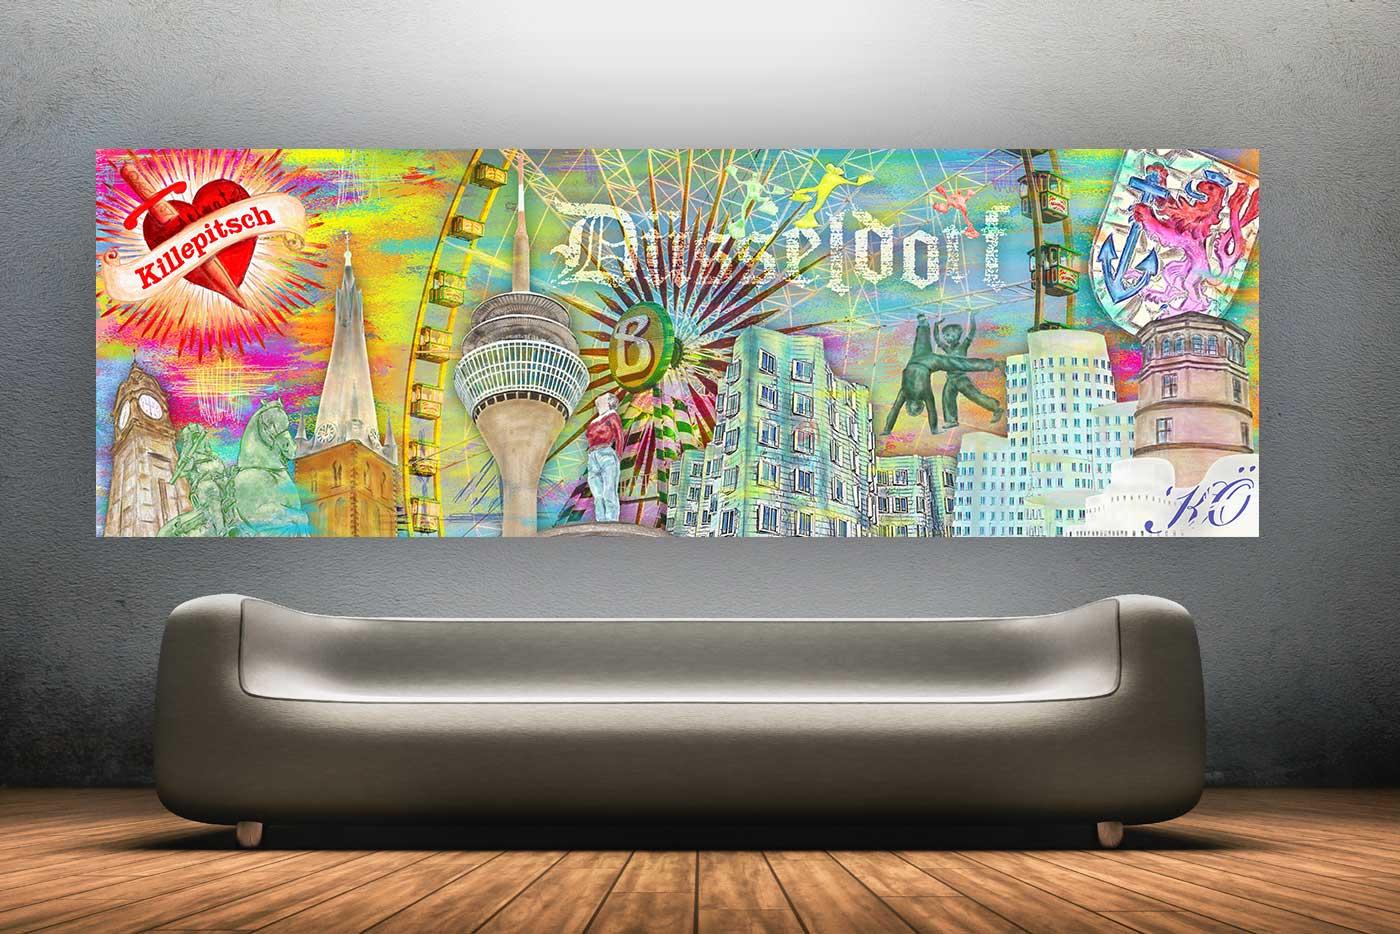 stadt d sseldorf kunst collage modernes pop art design f r jede wand panorama pop art kunst. Black Bedroom Furniture Sets. Home Design Ideas